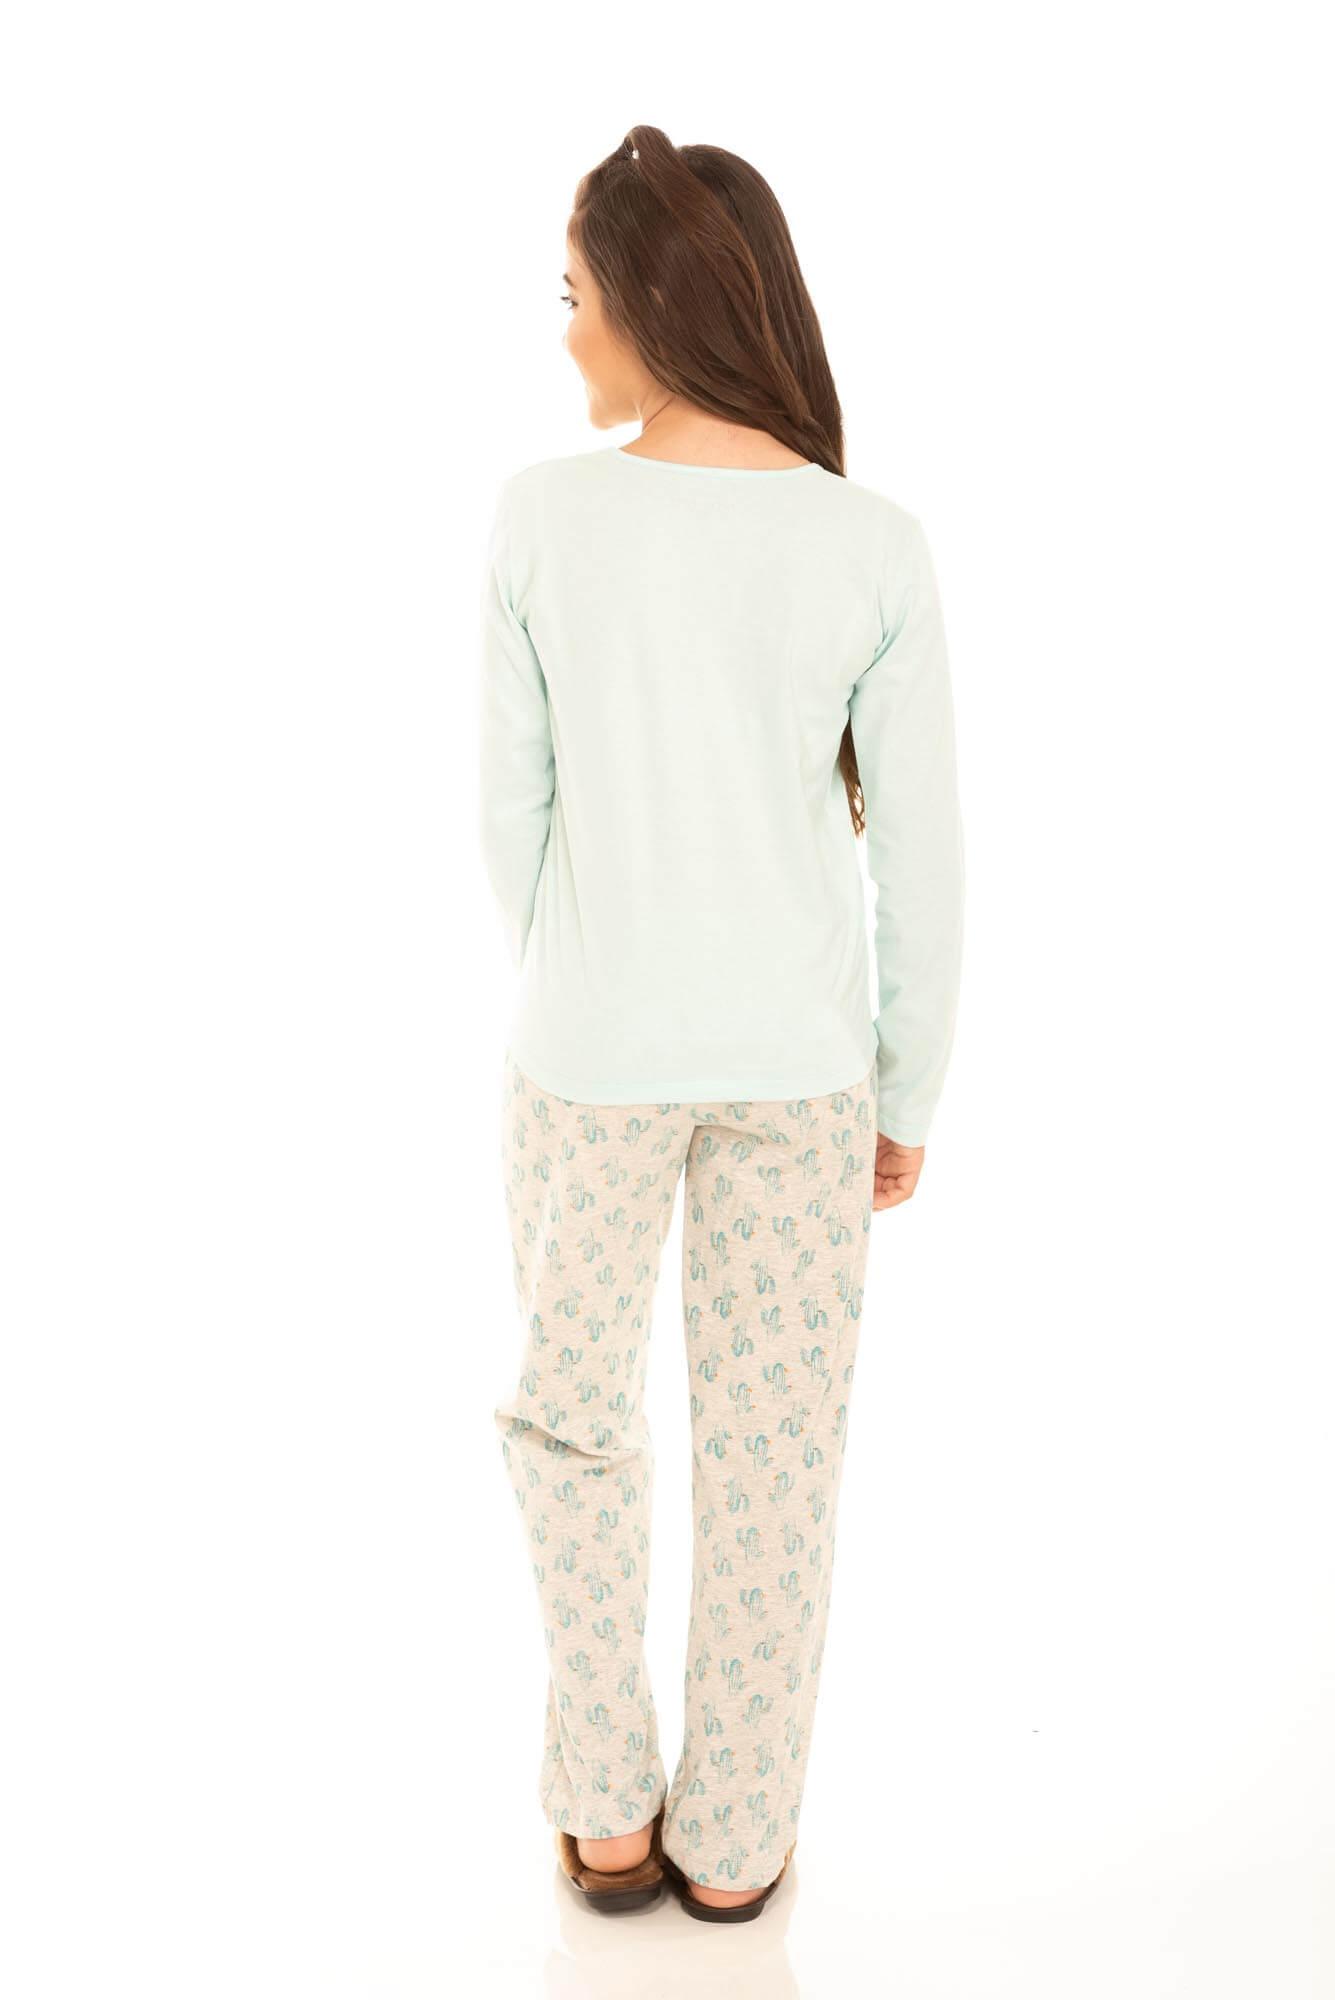 098/B - Pijama Juvenil Feminino Belita Old West